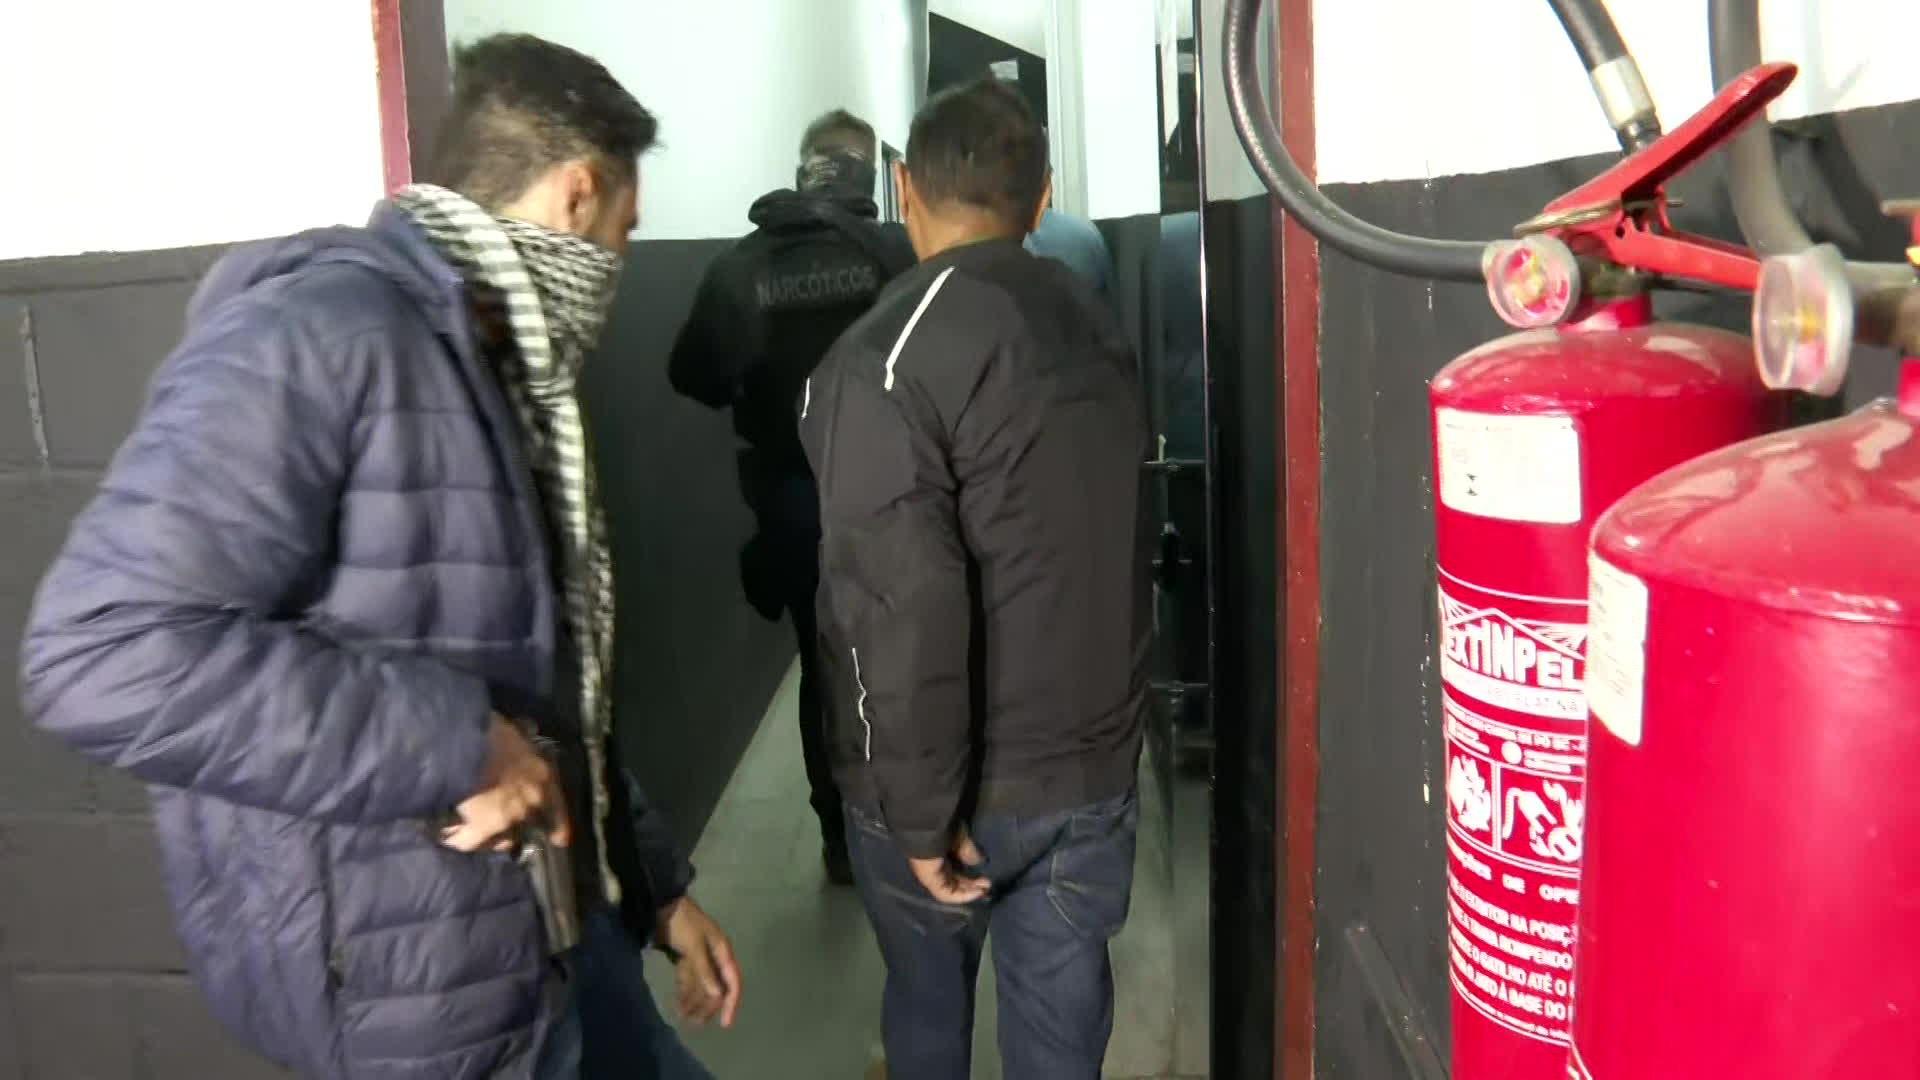 Polícia Civil de SP realiza operação contra suspeitos de lavagem de dinheiro e organização criminosa